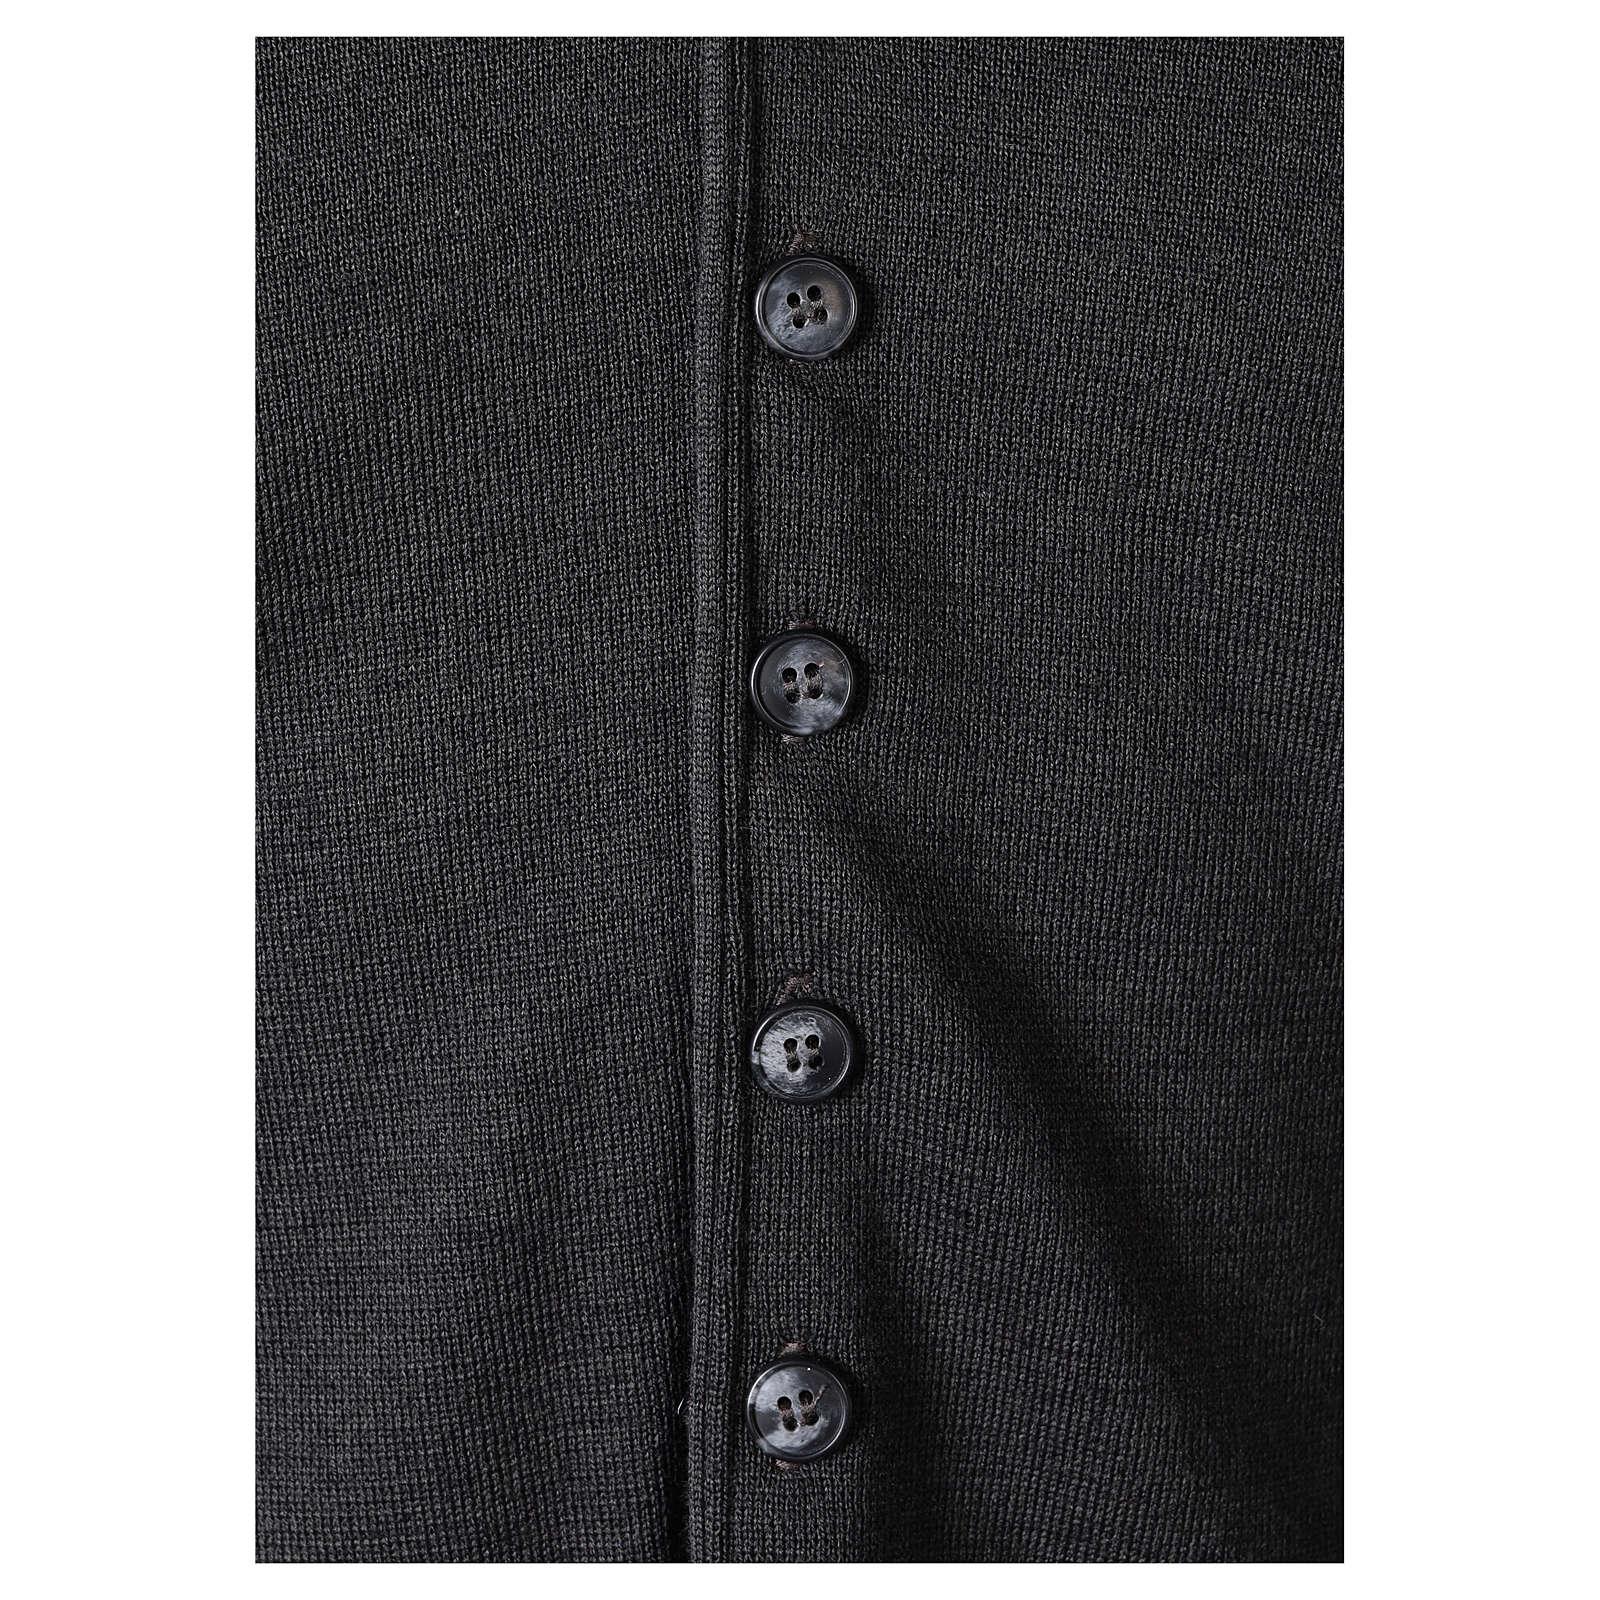 Panciotto sacerdote antracite collo V e bottoni maglia 50% lana merino 50% acrilico In Primis 4